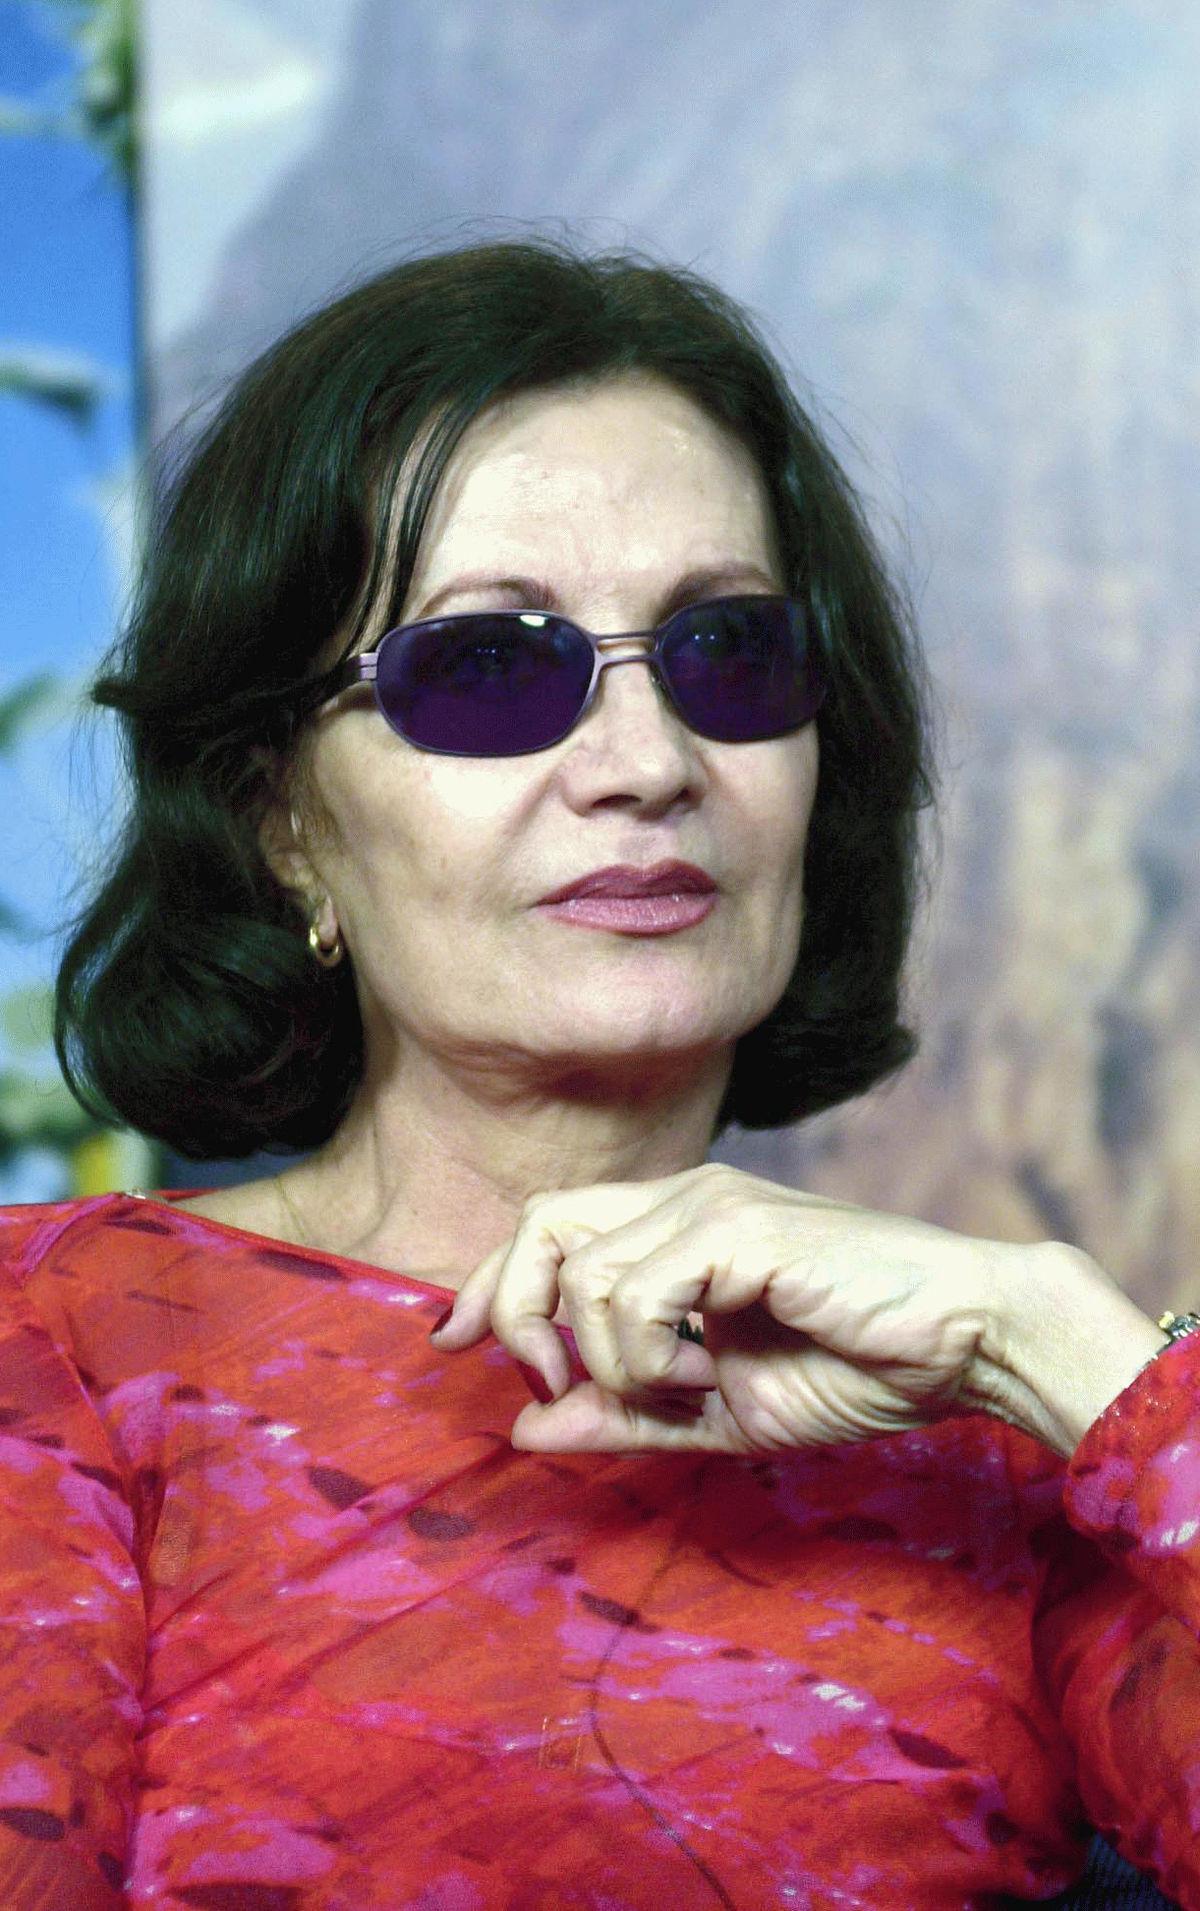 Ana Maria Nua rosamaria murtinho - wikipedia